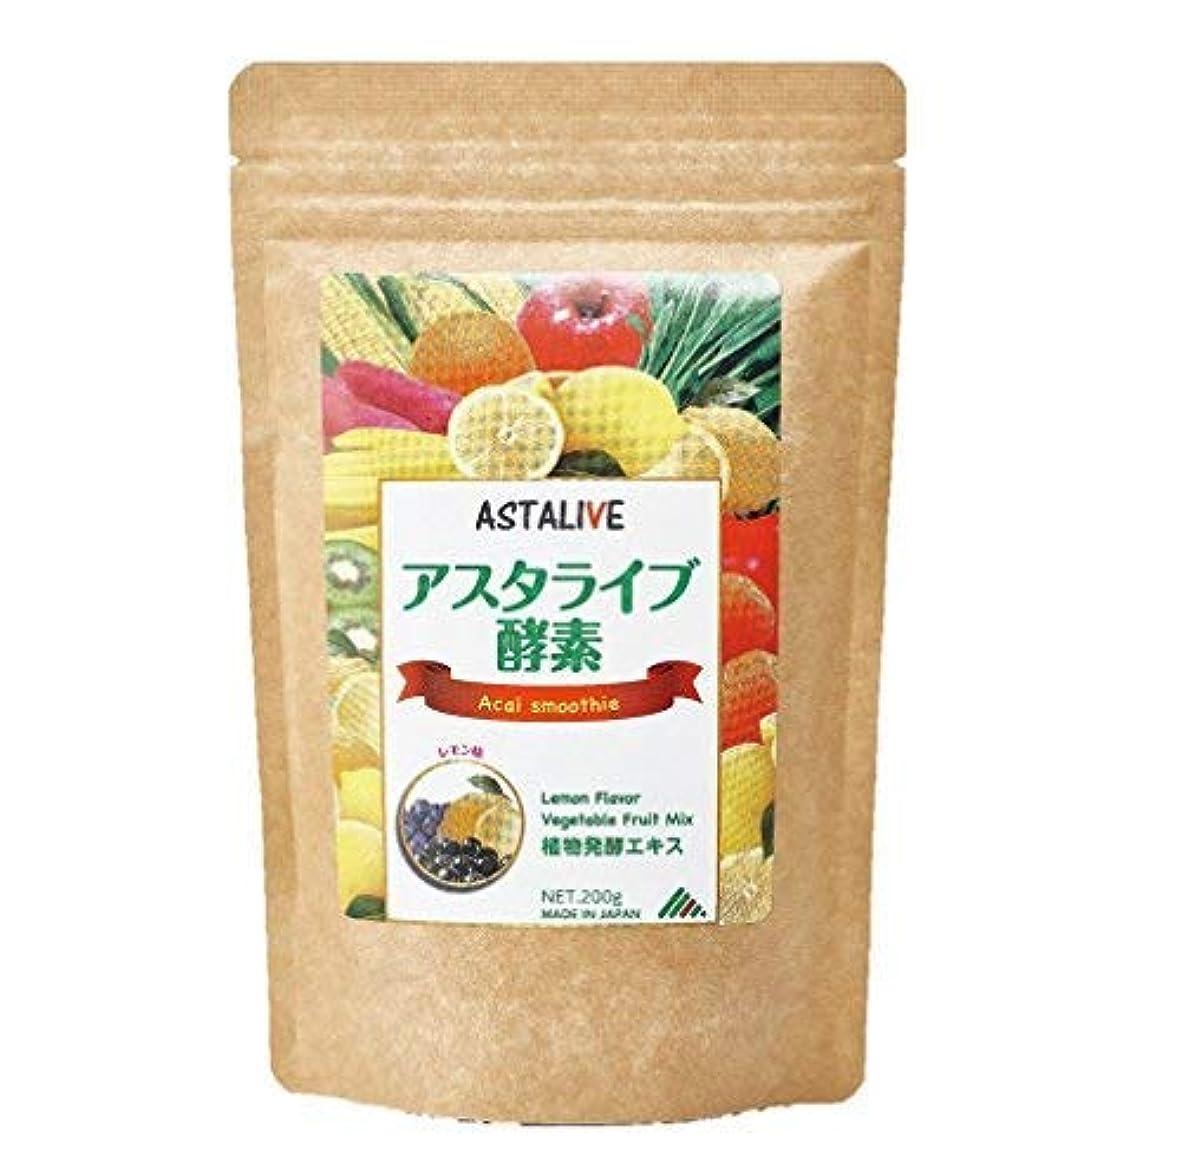 コントローラパット早めるASTALIVE (アスタライブ) 酵素 スムージー チアシード 乳酸菌 麹菌 入り レモン味 200g (1)